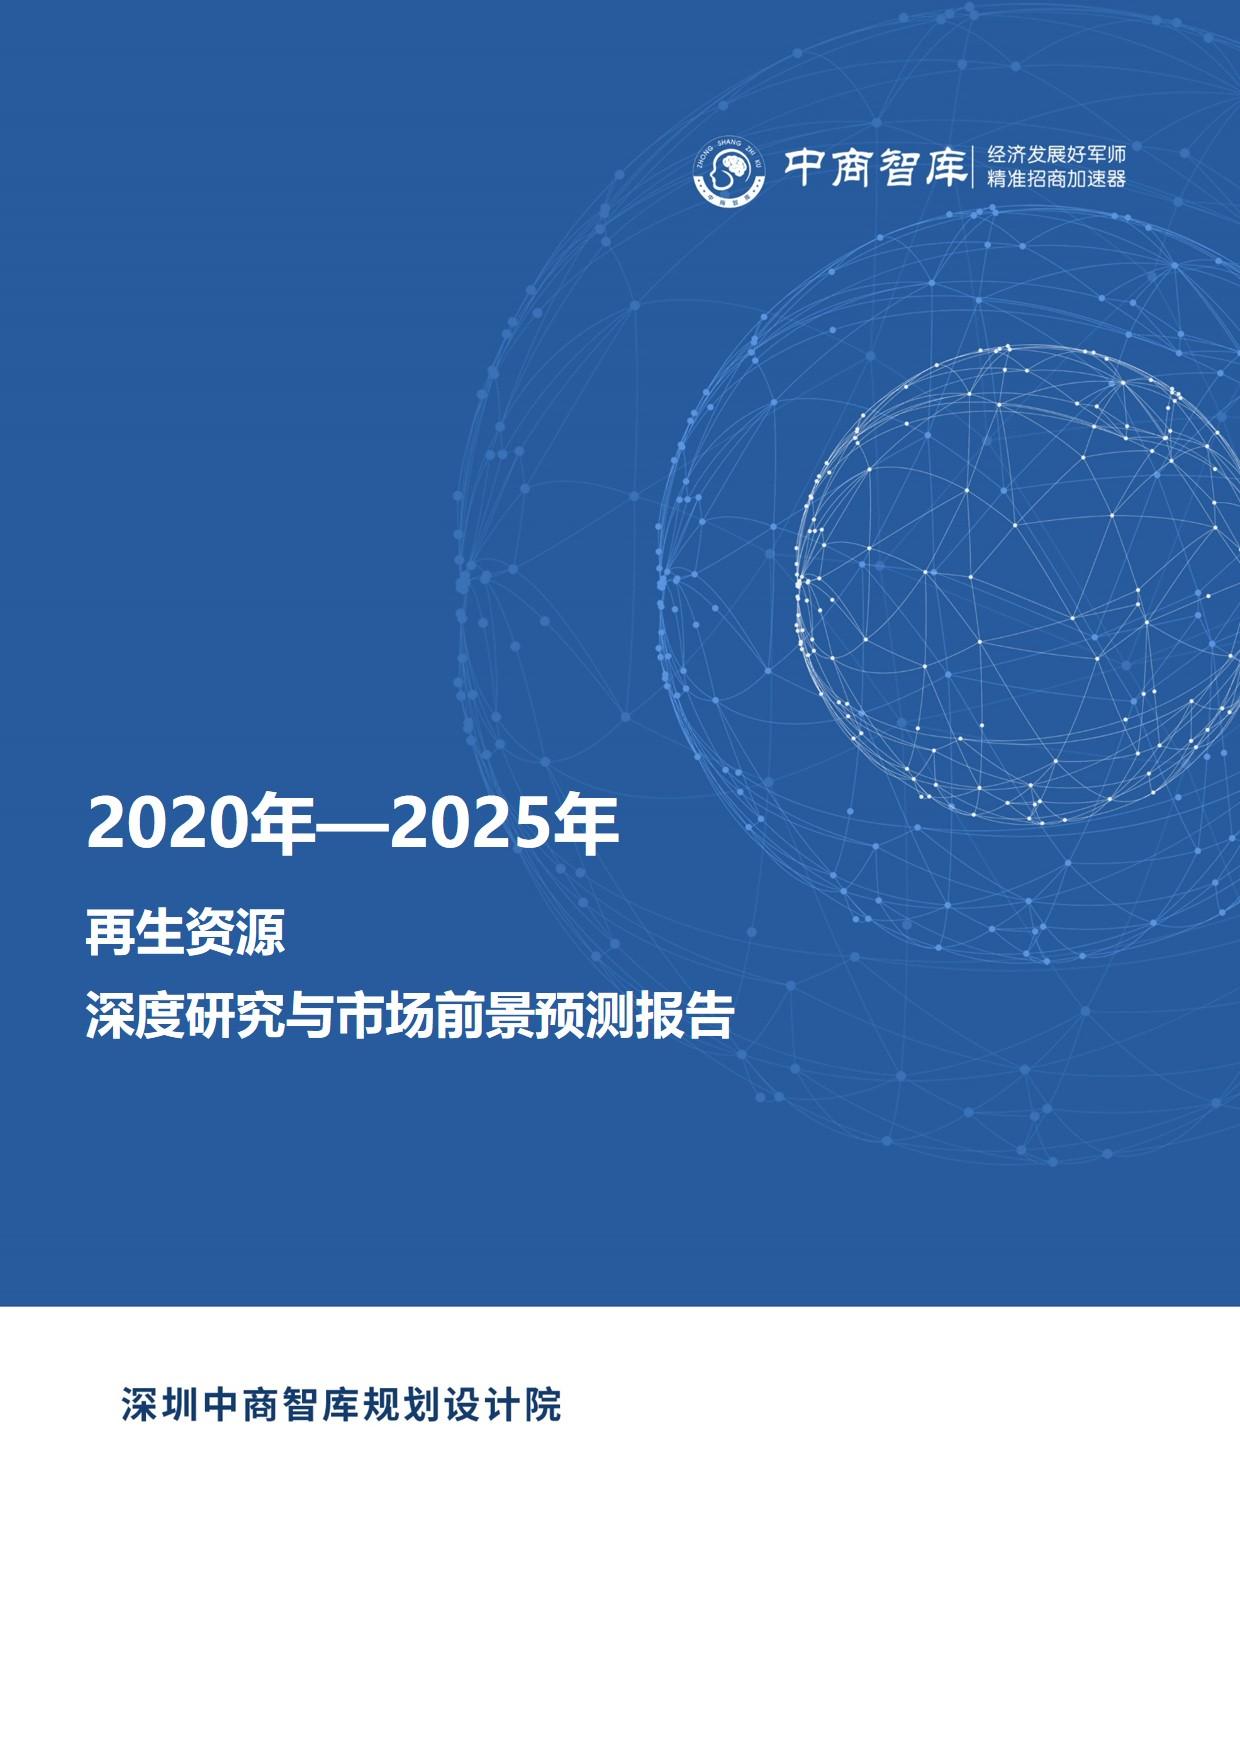 《2020-2025年再生资源行业深度研究与市场前景预测报告》